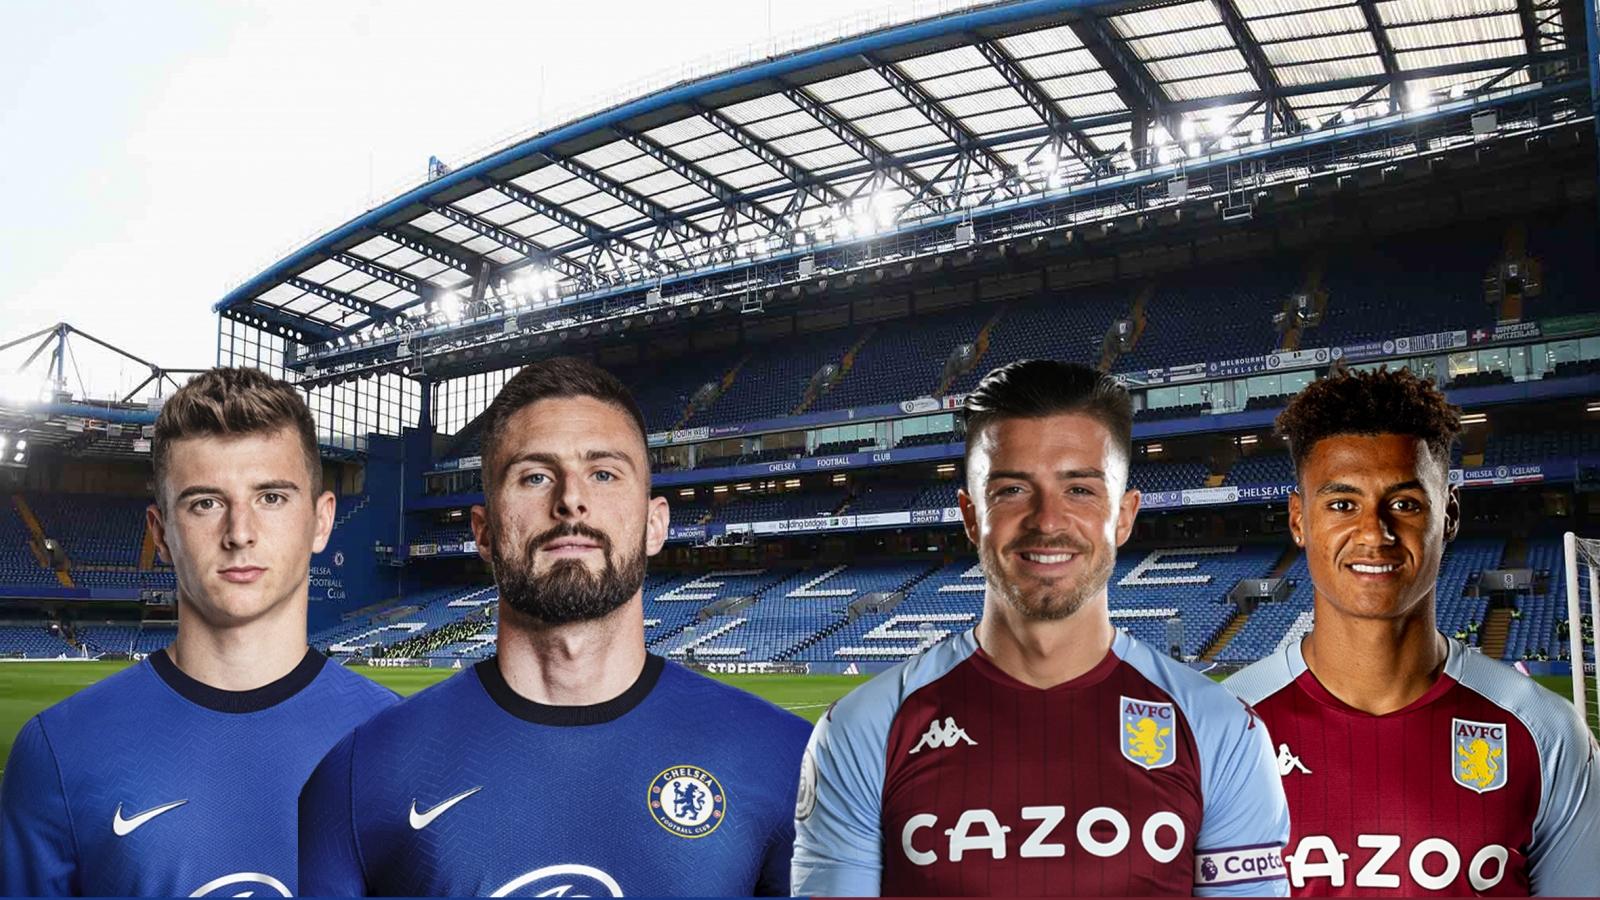 Dự đoán tỷ số, đội hình xuất phát trận Chelsea - Aston Villa